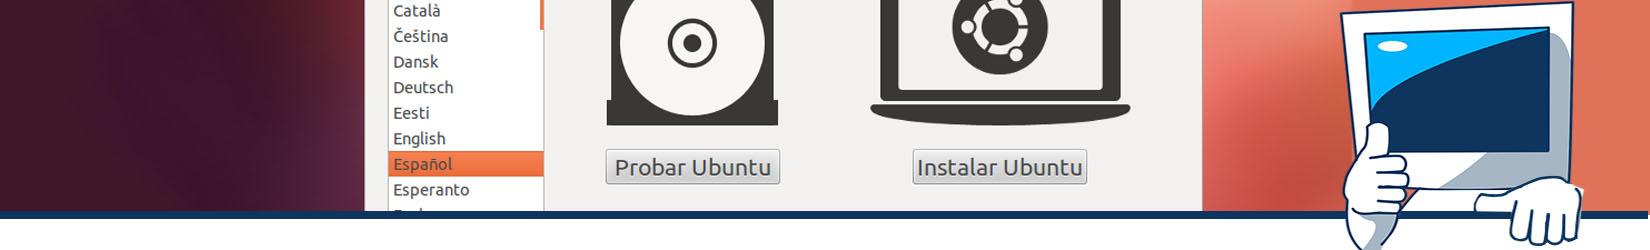 Guía de instalación de GNU/Linux paso a paso: fácil y rápido 3